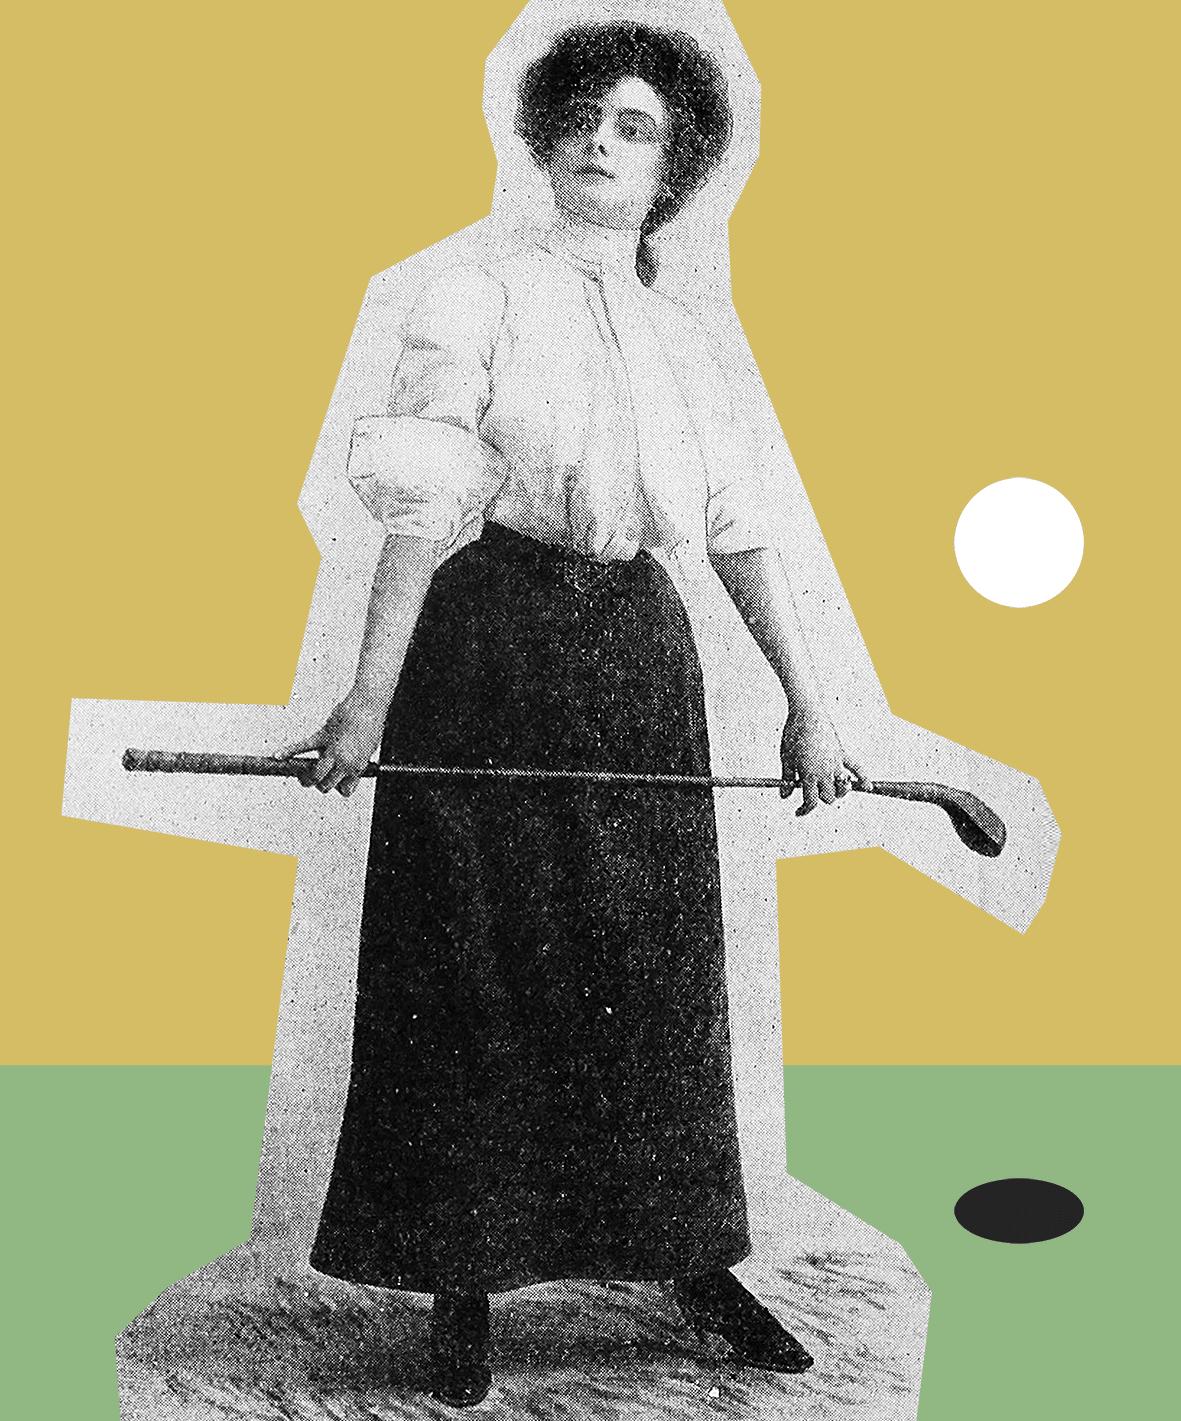 Historische Golfkleidung für Frauen im Jahre 1906.